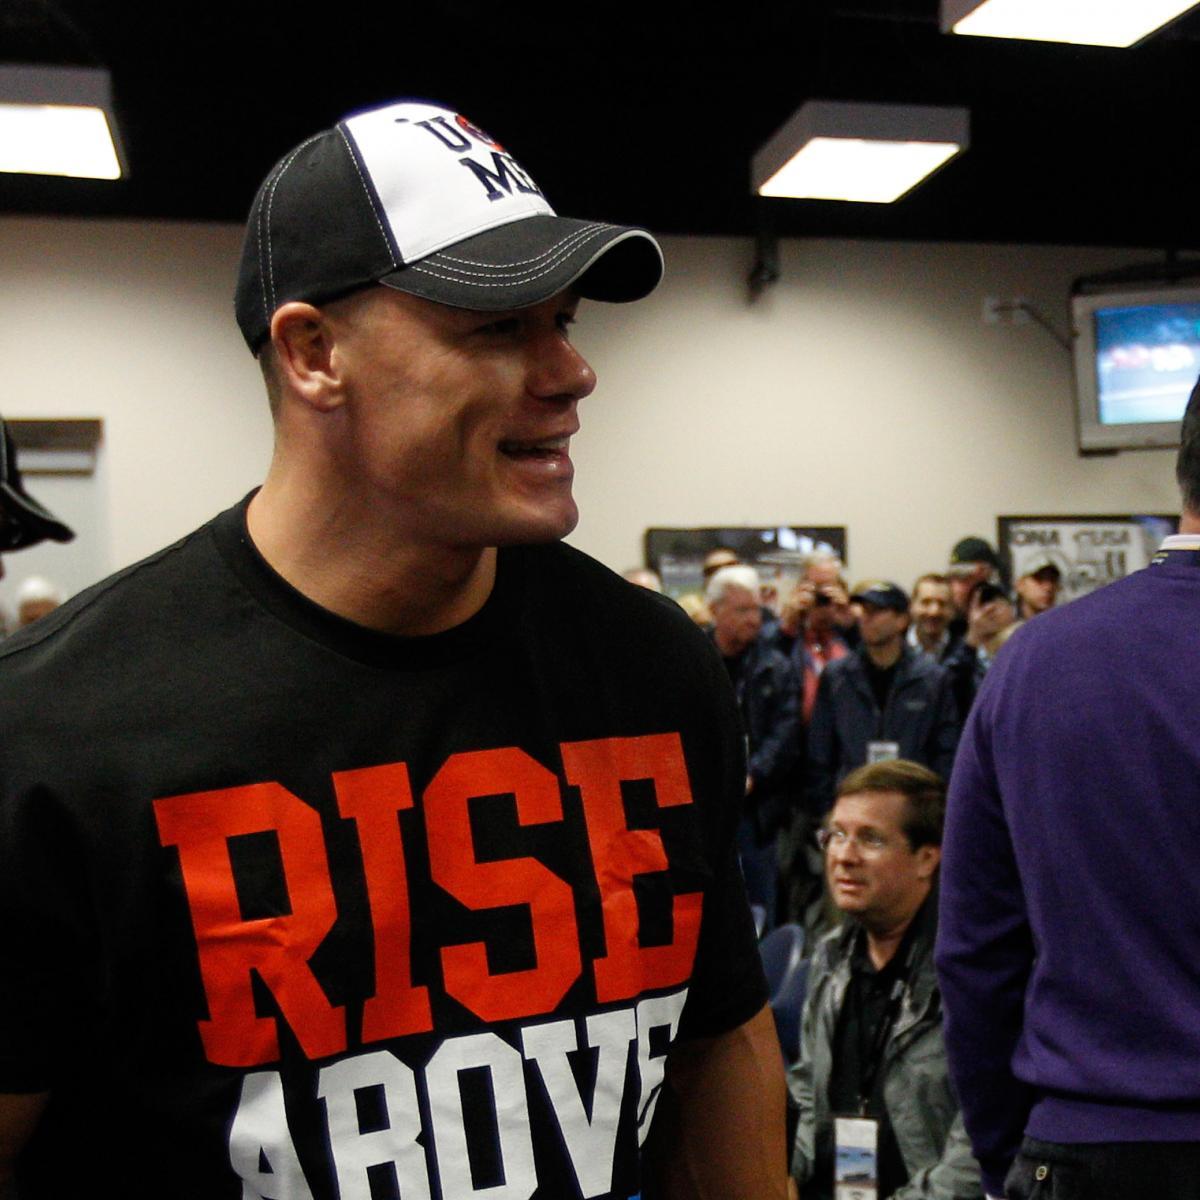 John Cena: His Squash Matches Should Not Happen Ever Again